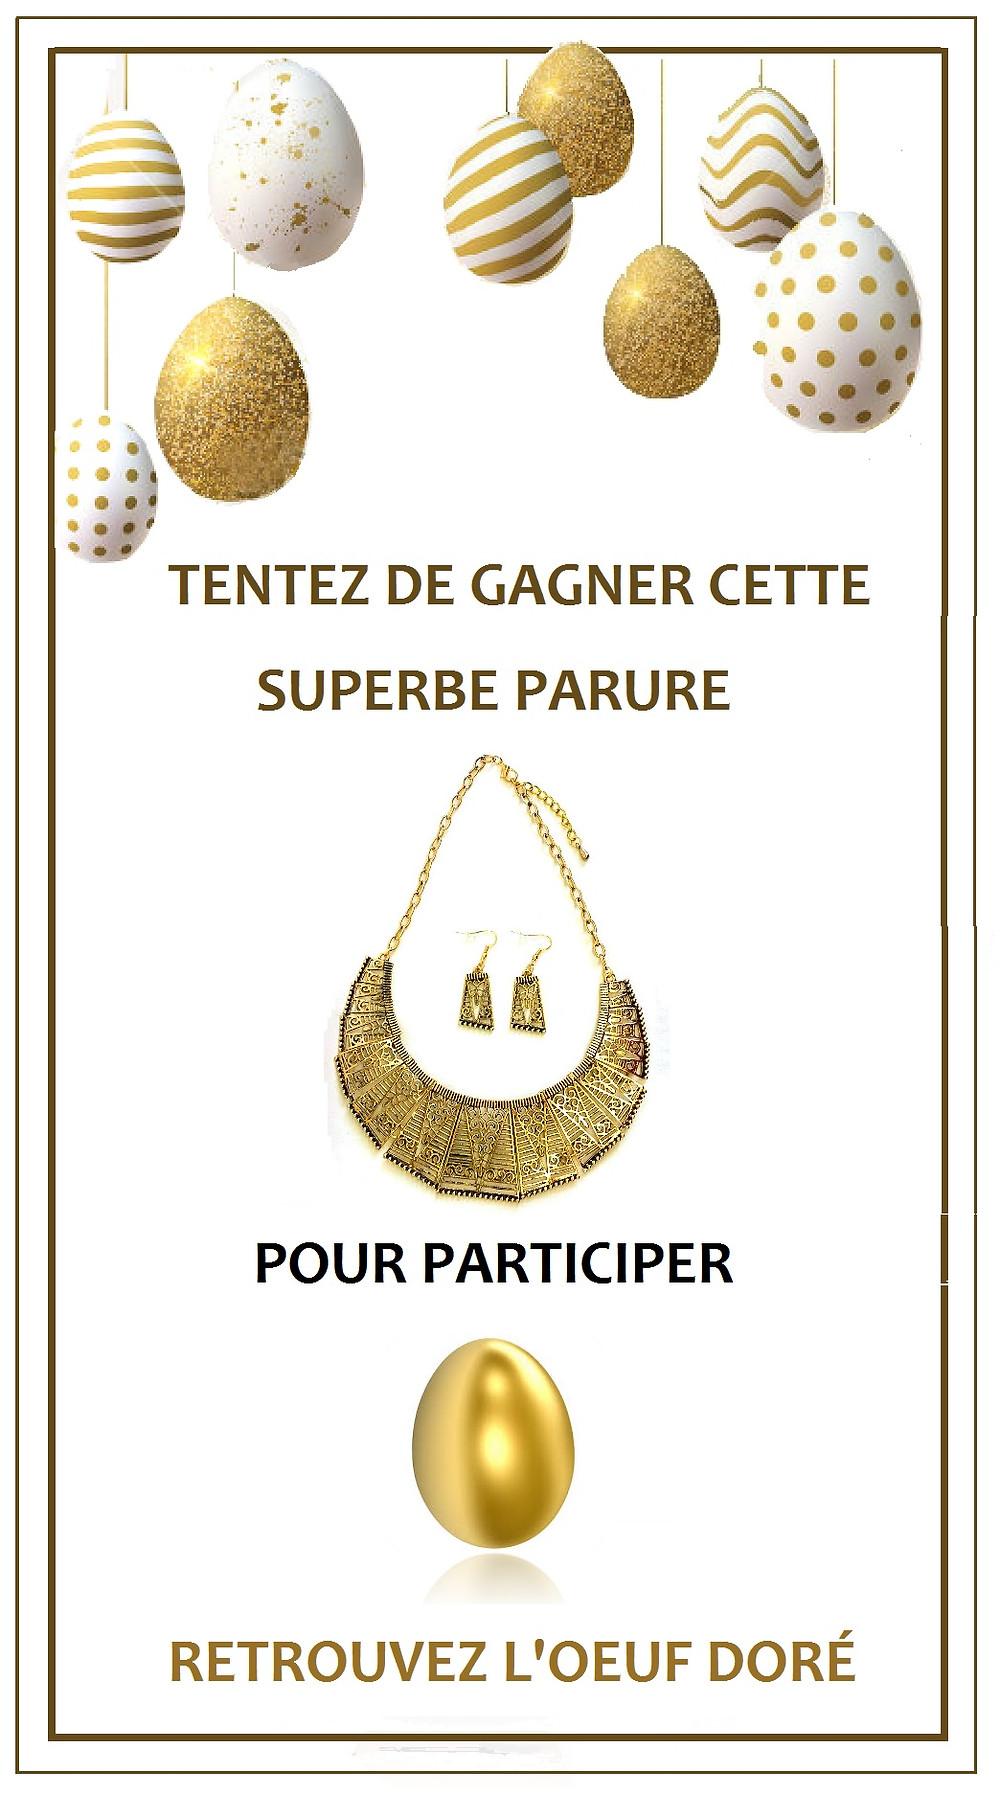 🎁   CONCOURS    🎁  Tirage au sort mardi 18 avril à 20 heures. www.chabada-accessoires.com vous gâte pour Pâques ❣️ ✨Pour tenter de GAGNER la parure collier et boucles d'oreille dorés✨  Trouvez l'oeuf doré sur www.chabada-accessoires.com et cliquez dessus 🍀 Likez la page Bijoux Chabada 🍀 Commentez le post sans donner d'indice 🍀 Invitez 2 ami(e)s à participer 🍀 Croisez les doigts ! BONNE CHANCE !